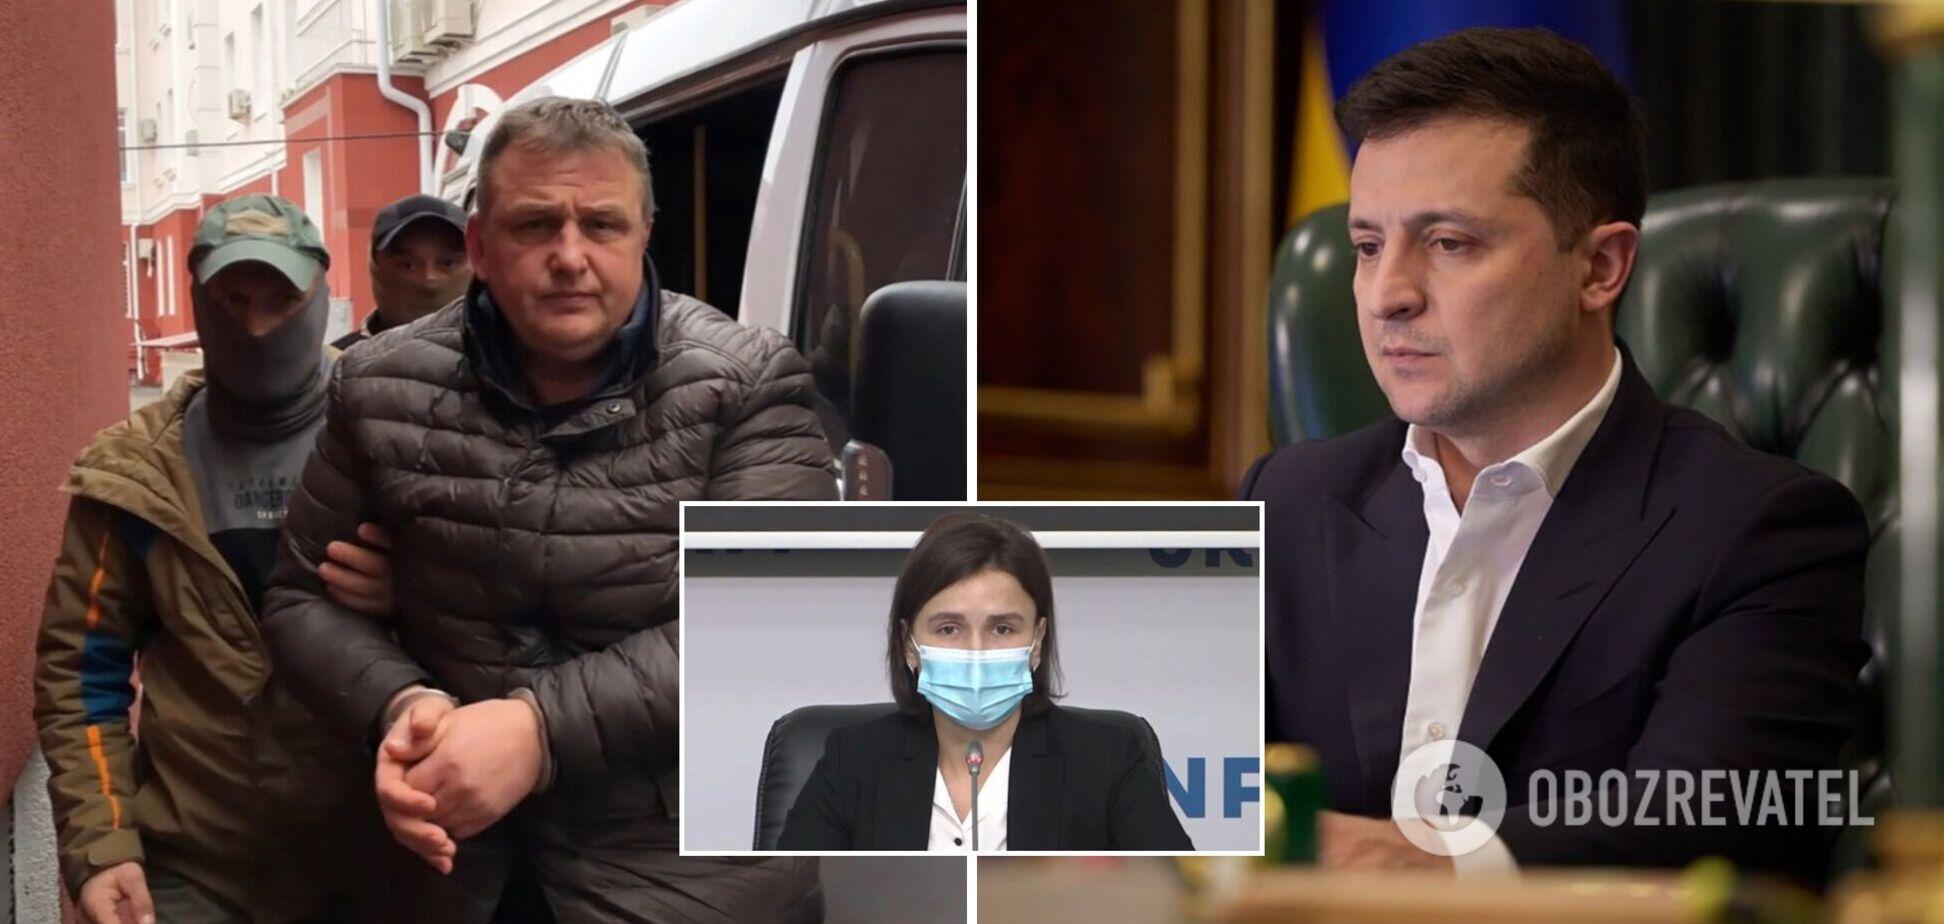 Дружина заарештованого в Криму журналіста звернулася до Зеленського